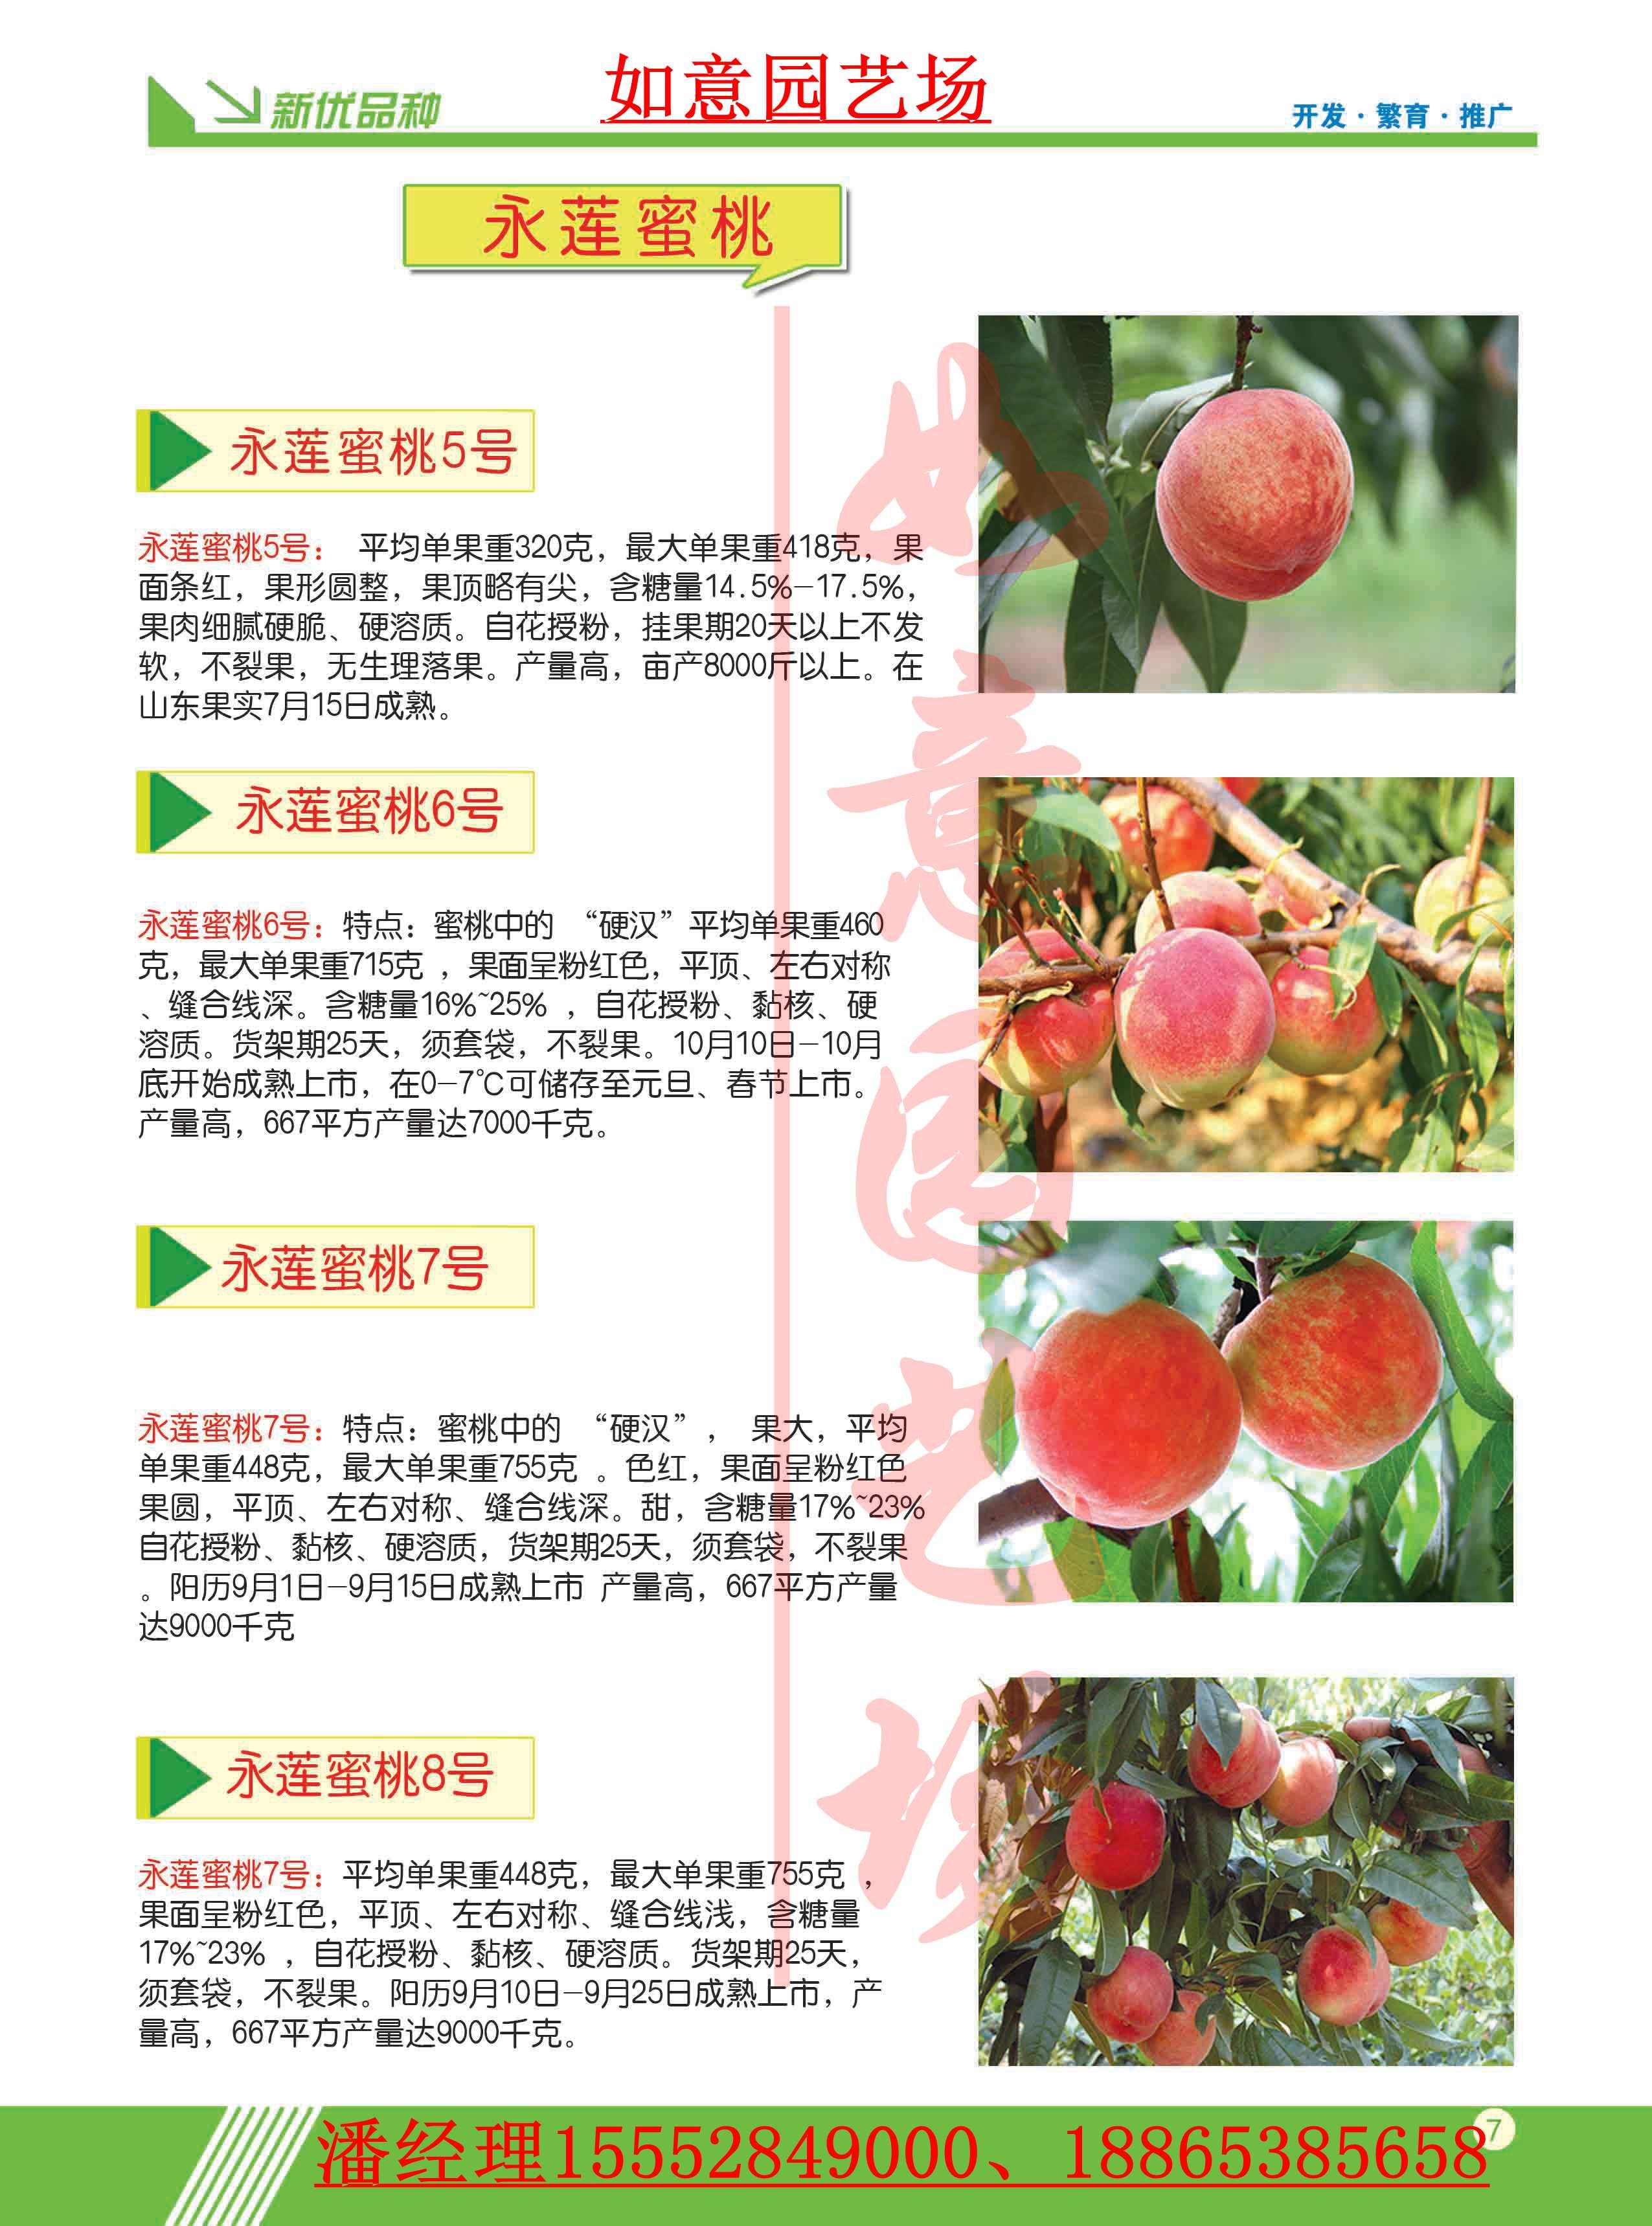 晋城晚熟桃苗供应商